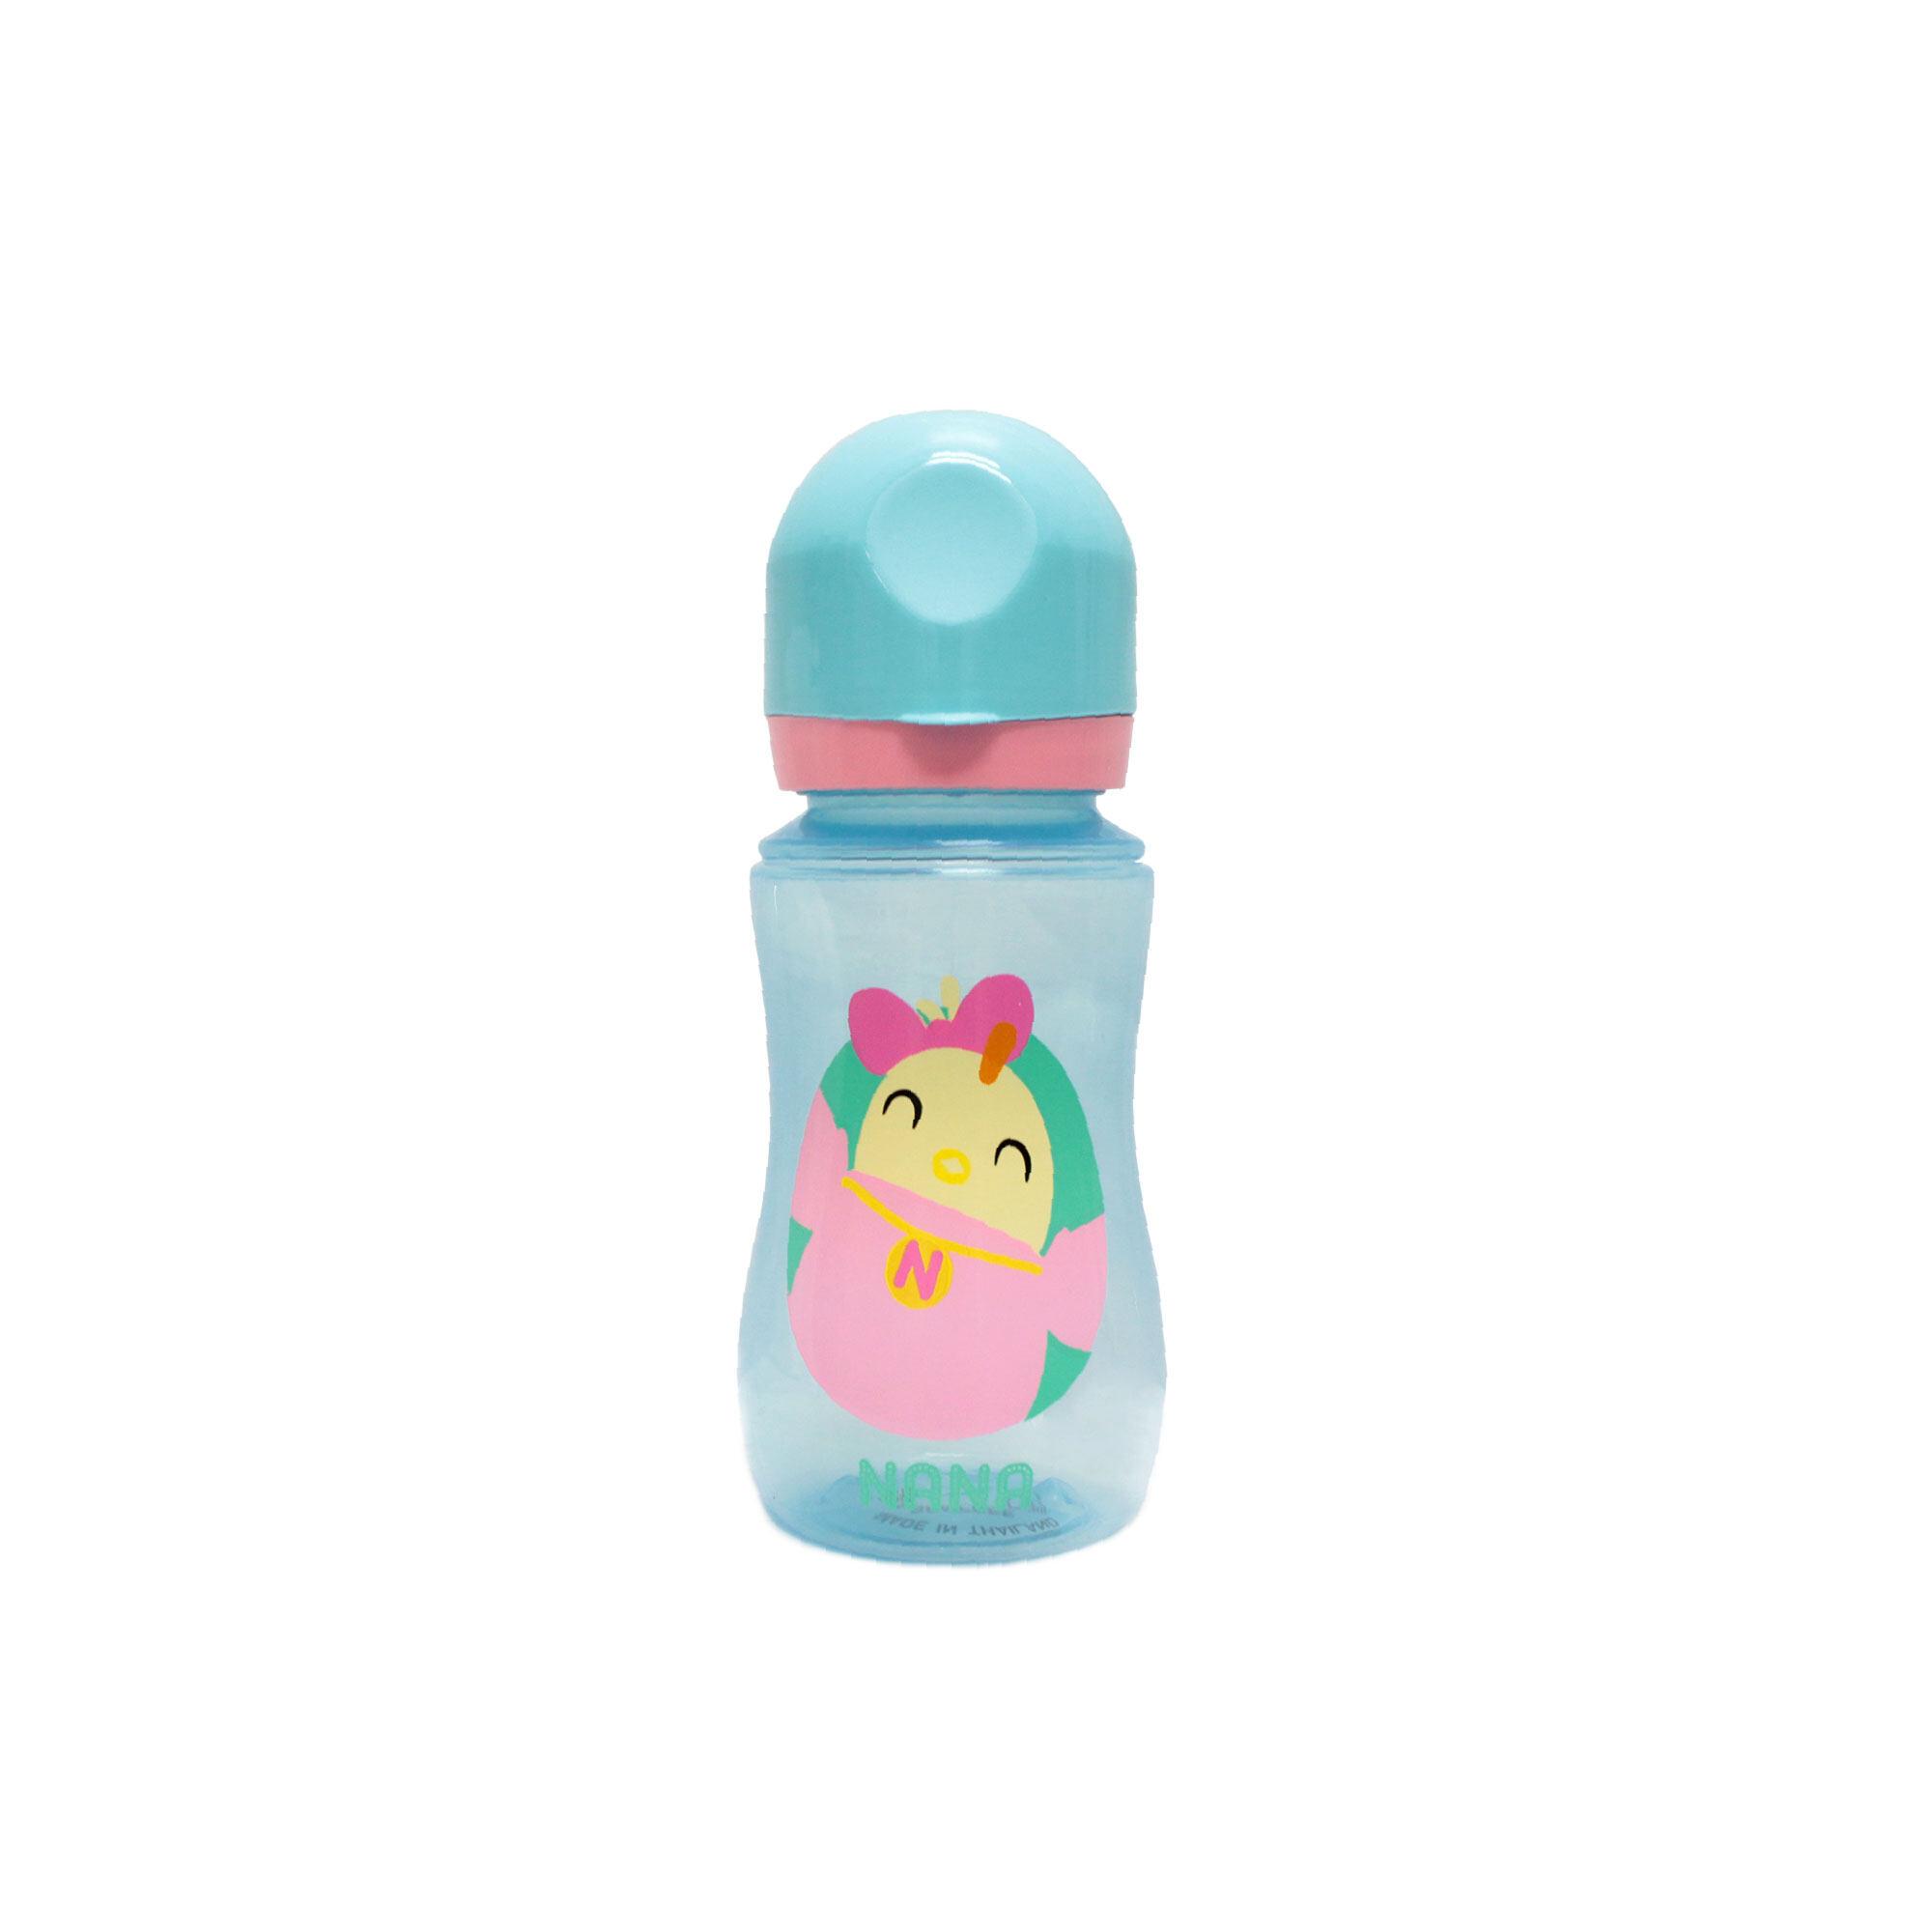 Didi & Friends 12OZ Wide Neck BPA Free Bottle Nana - Blue Colour